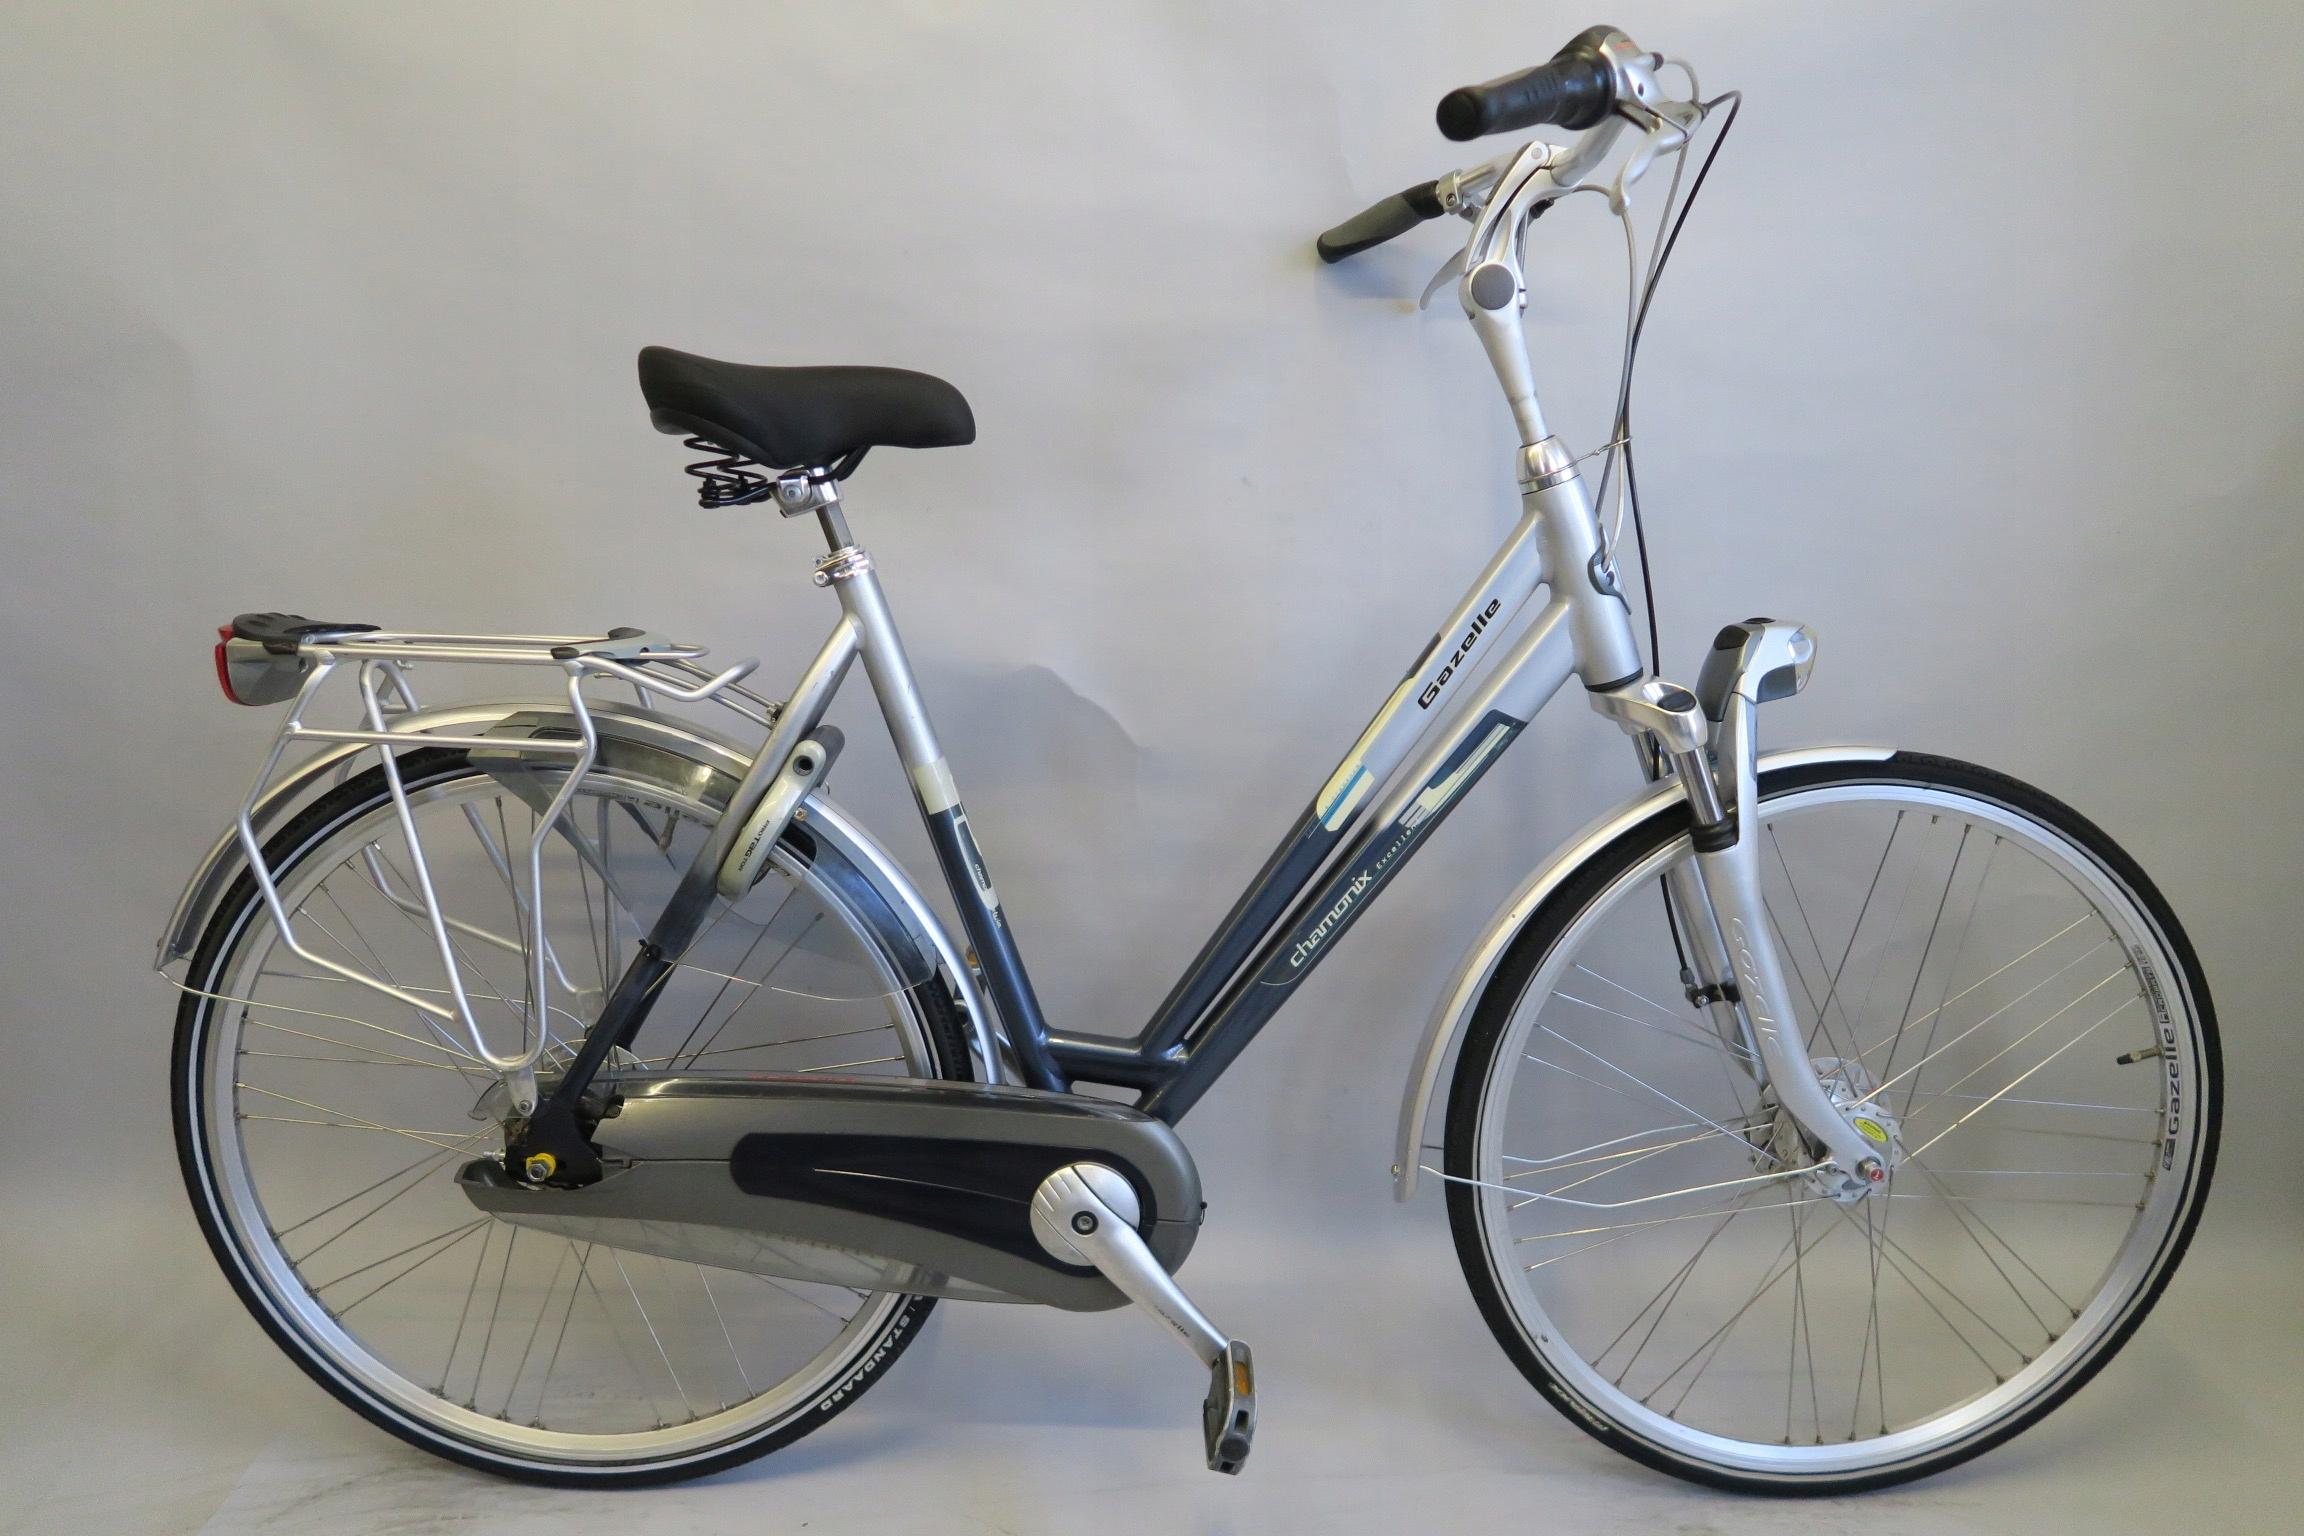 Wygodny rower holenderski Gazelle Chamonix Nexus 8